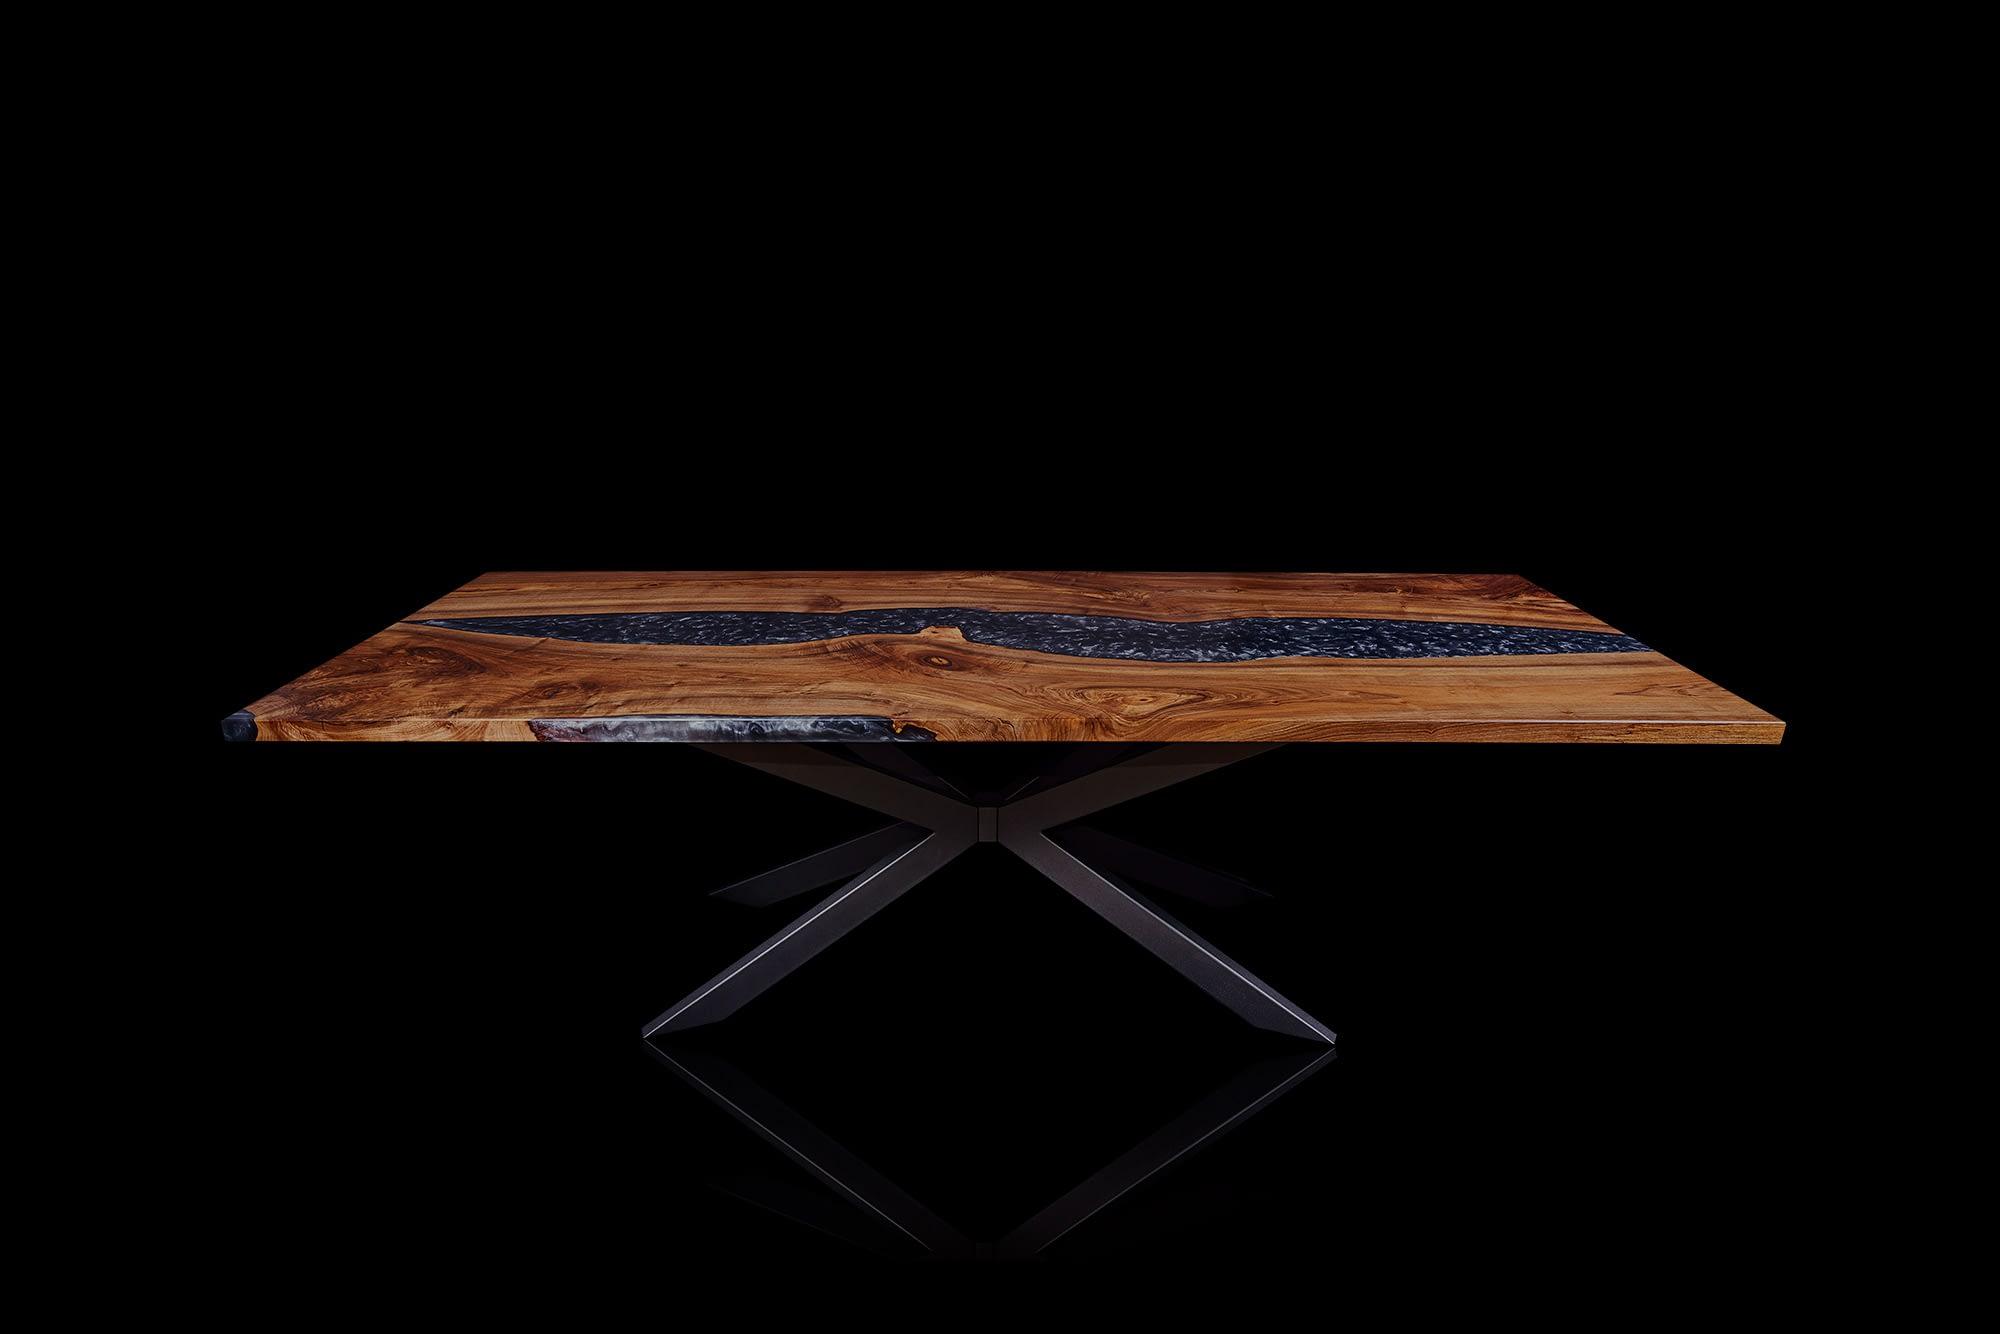 big_table_homepage